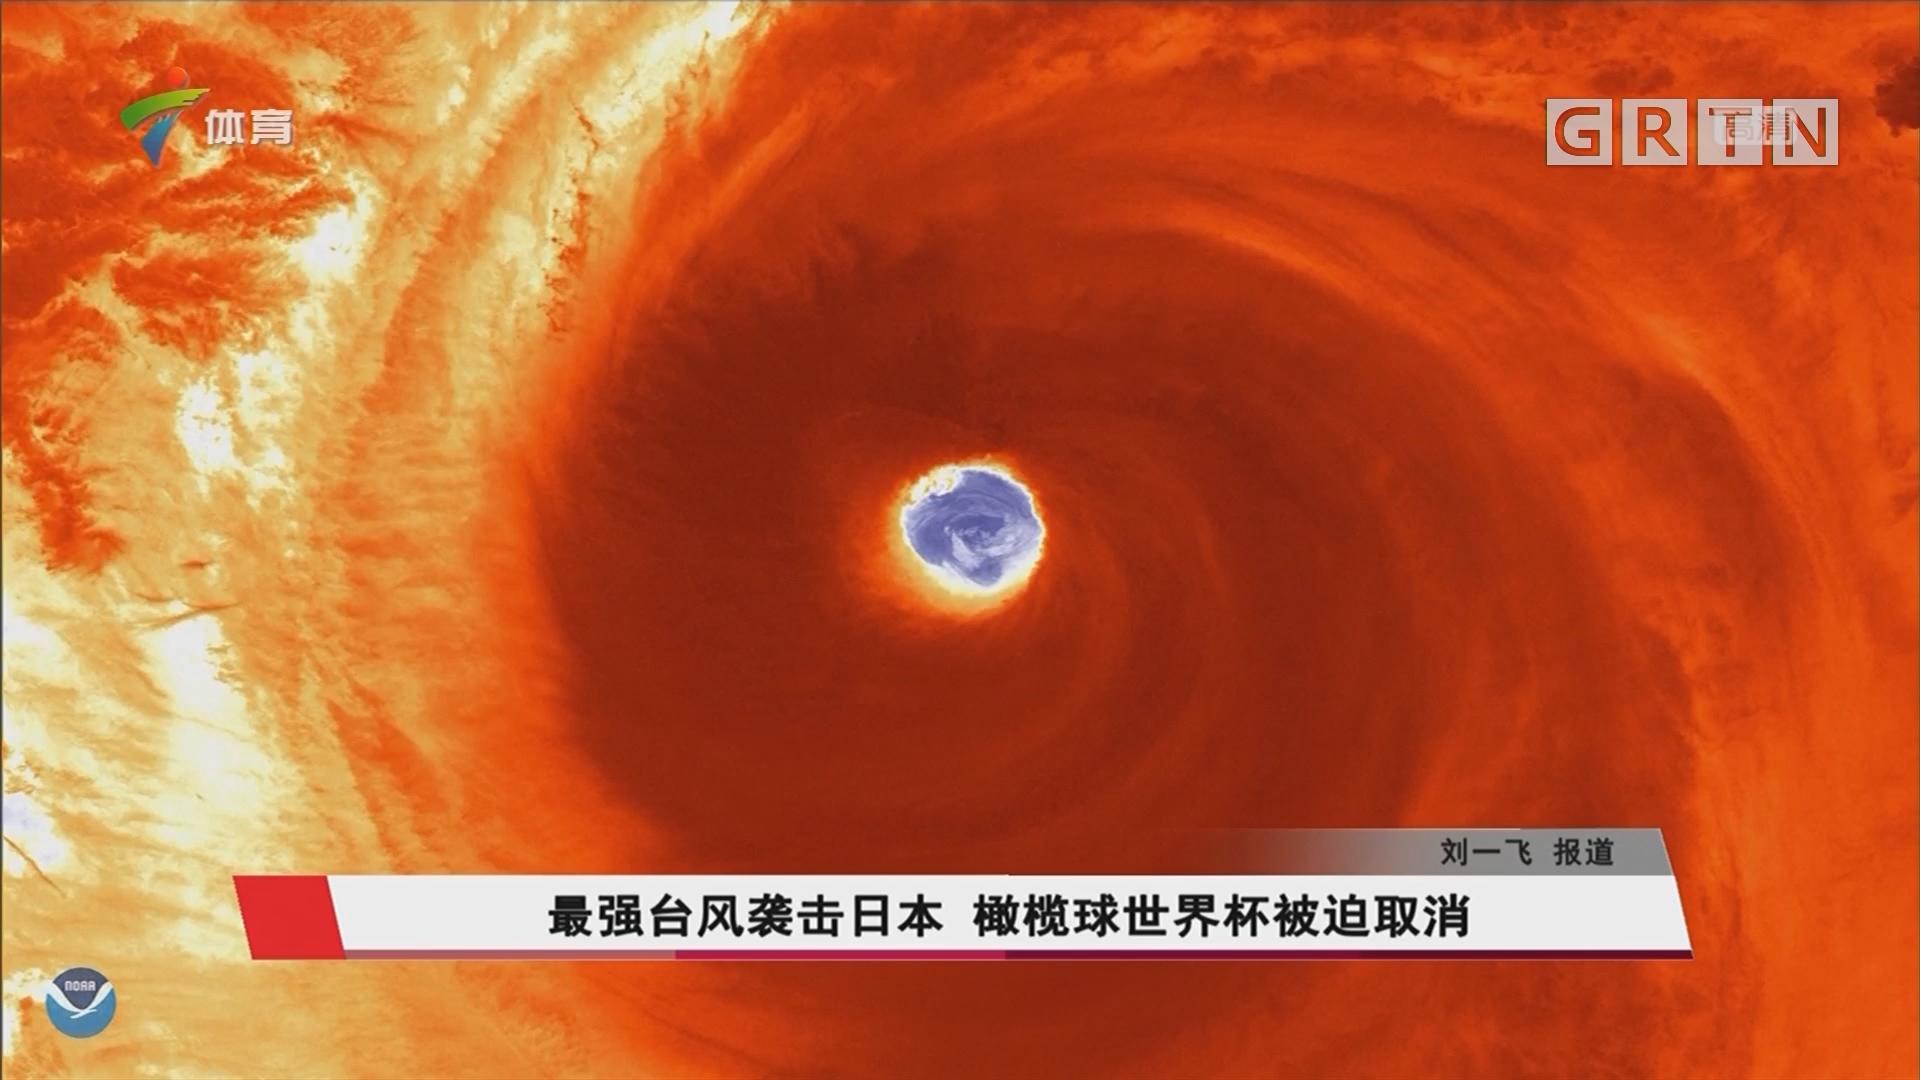 最强台风袭击日本 橄榄球世界杯被迫取消